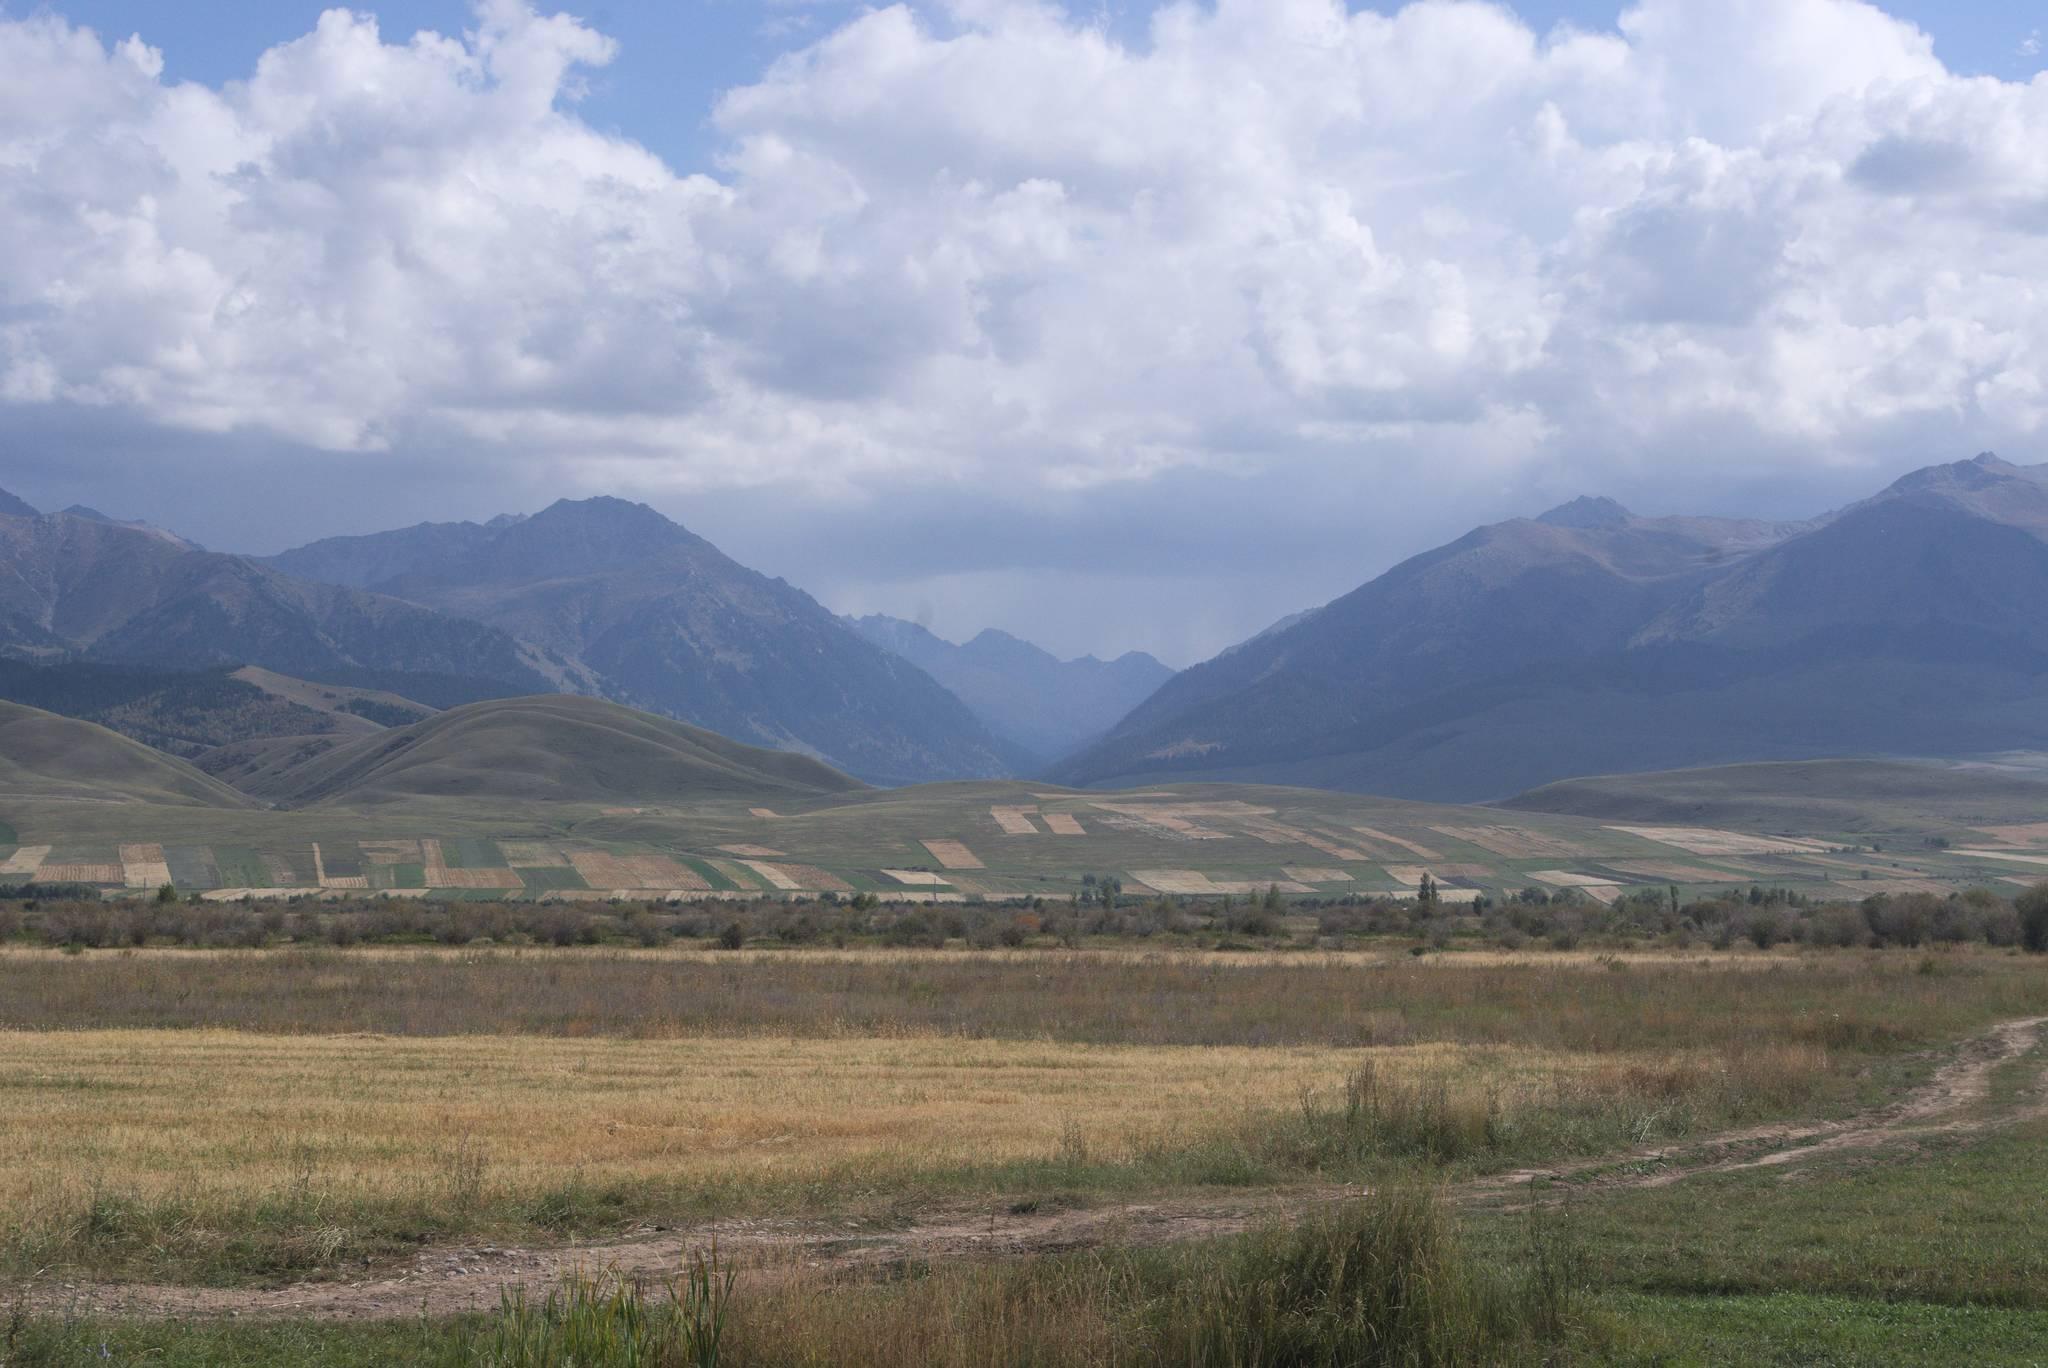 W tą dolinę trzeba by jechać, by dotrzeć do Enliczka. Potrzeba permitu by tam wjechać, po drugie droga to podobno straszna chujnia (nie remontowana od ćwierćwiecza).